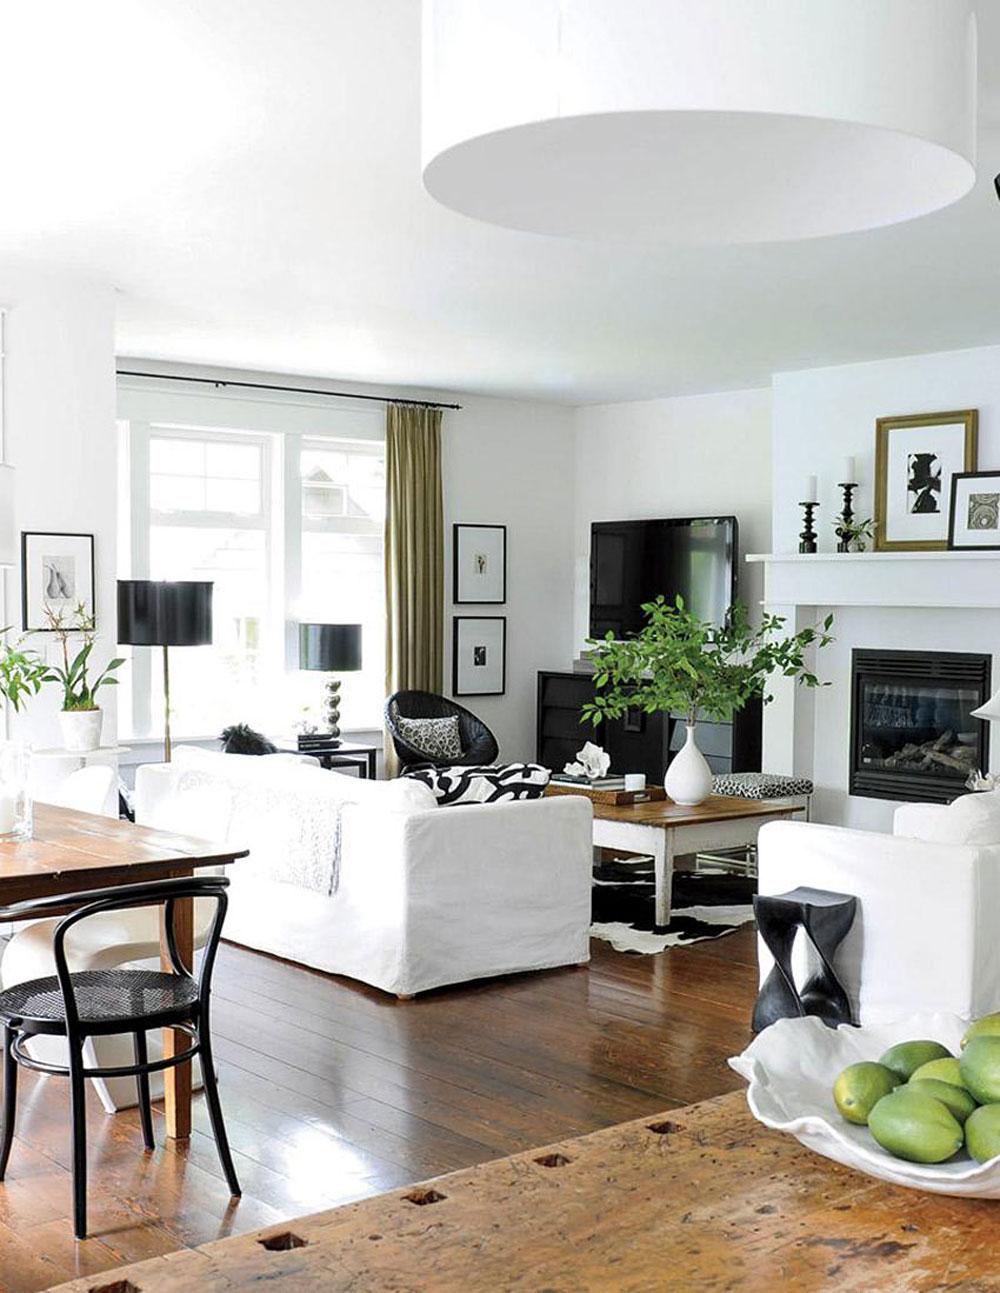 Vardagsrum-interiör-idéer-du-borde-försöka-för-ditt-hus-6 vardagsrum-interiör-idéer för att försöka för ditt hus